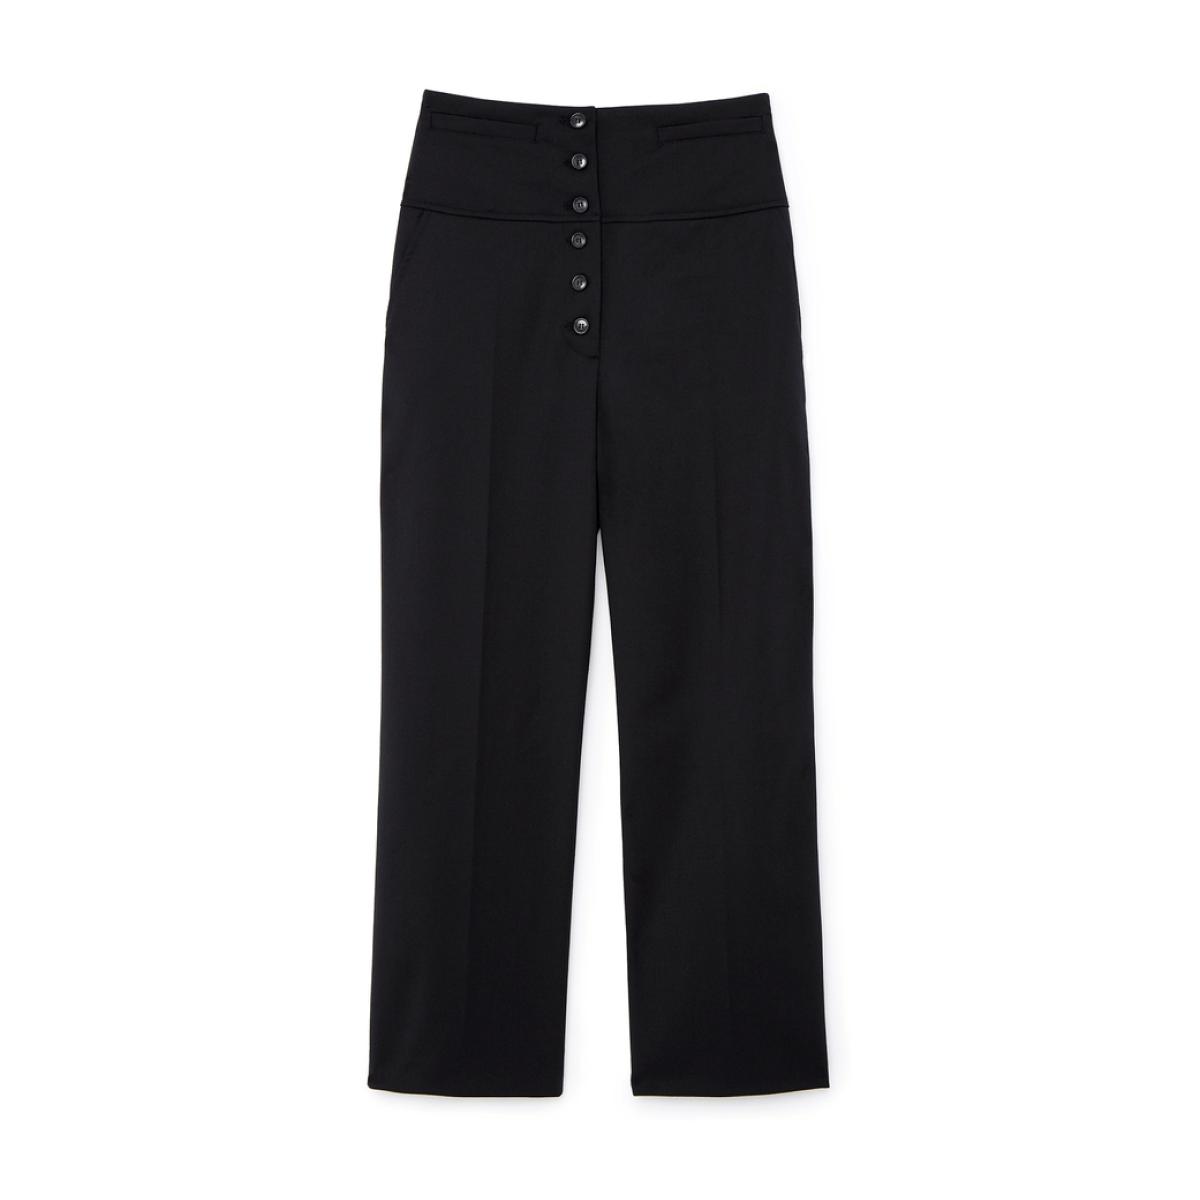 G. Label carter mlitary pants